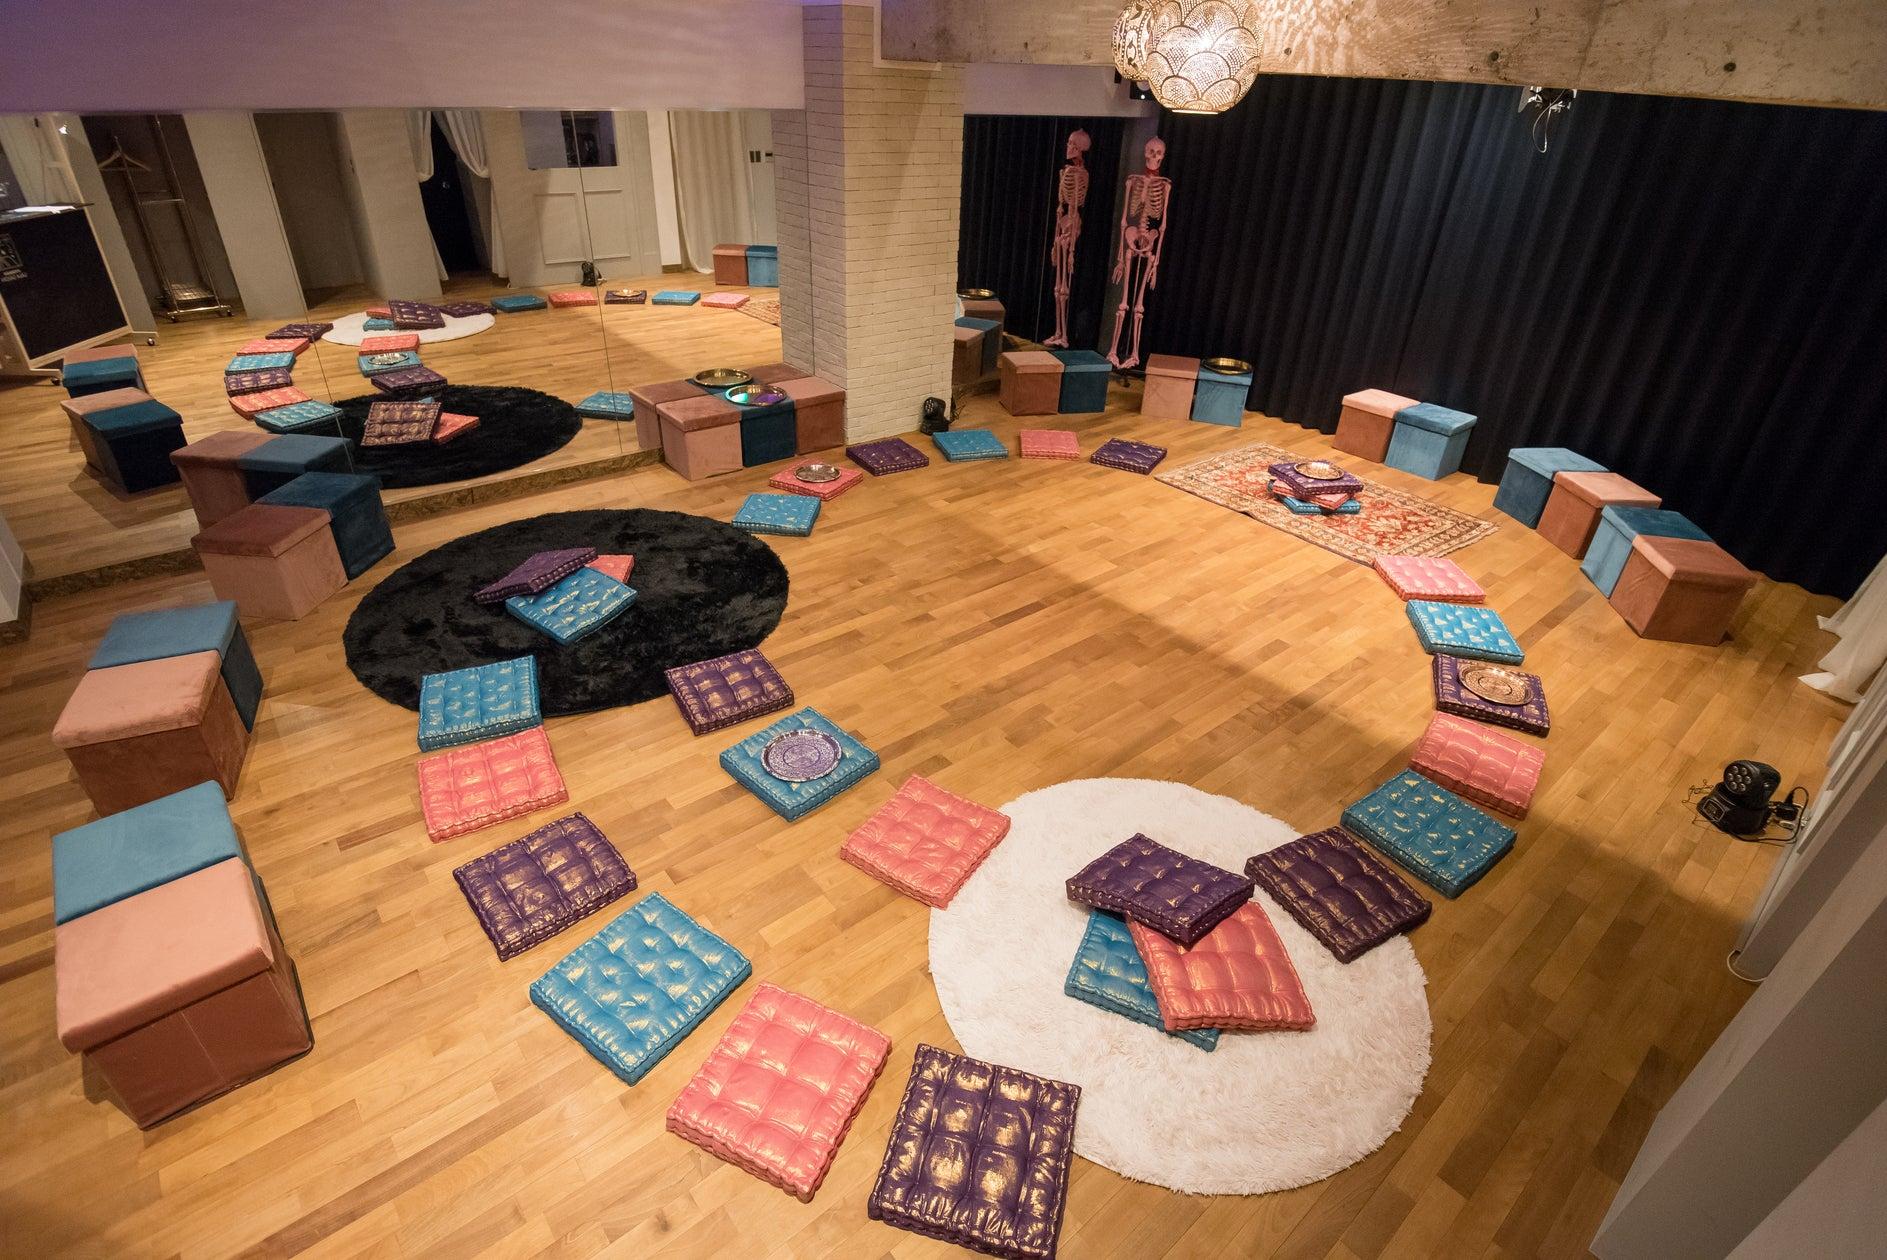 駅近!こだわりの音響&桜の床でヨガやダンス!講習会、会議!さらに週末はイベント利用も!!! のサムネイル